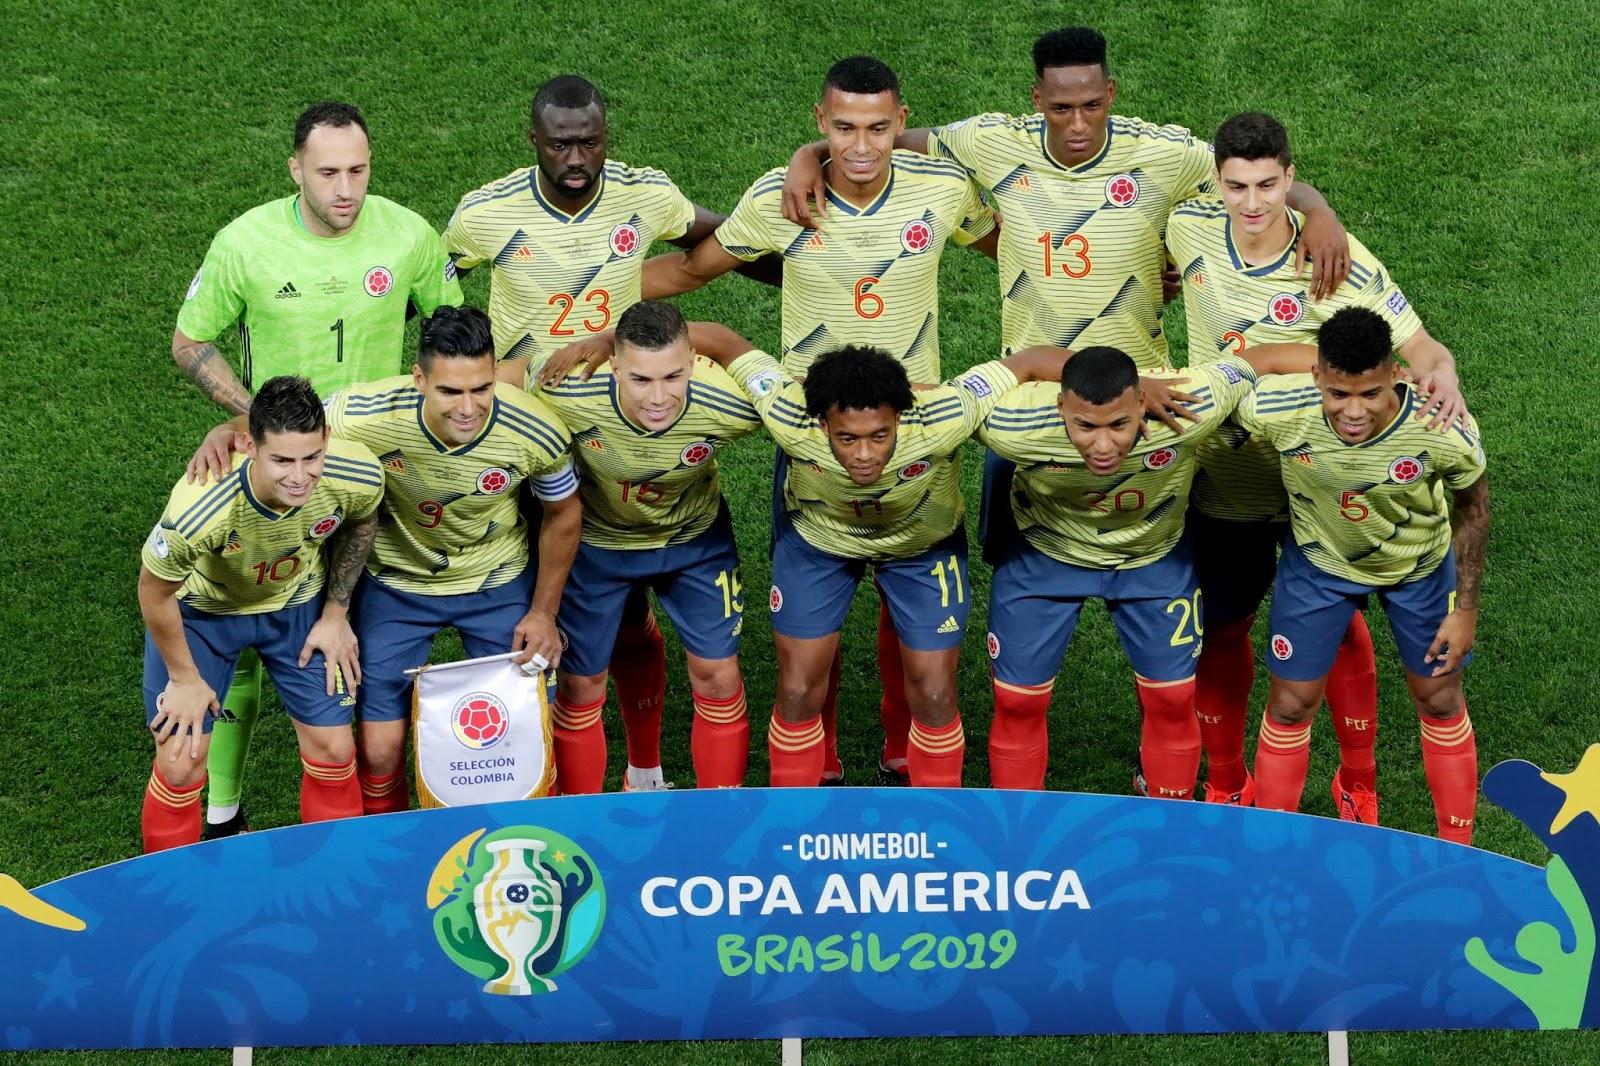 Formación de Colombia ante Chile, Copa América 2019, 28 de junio